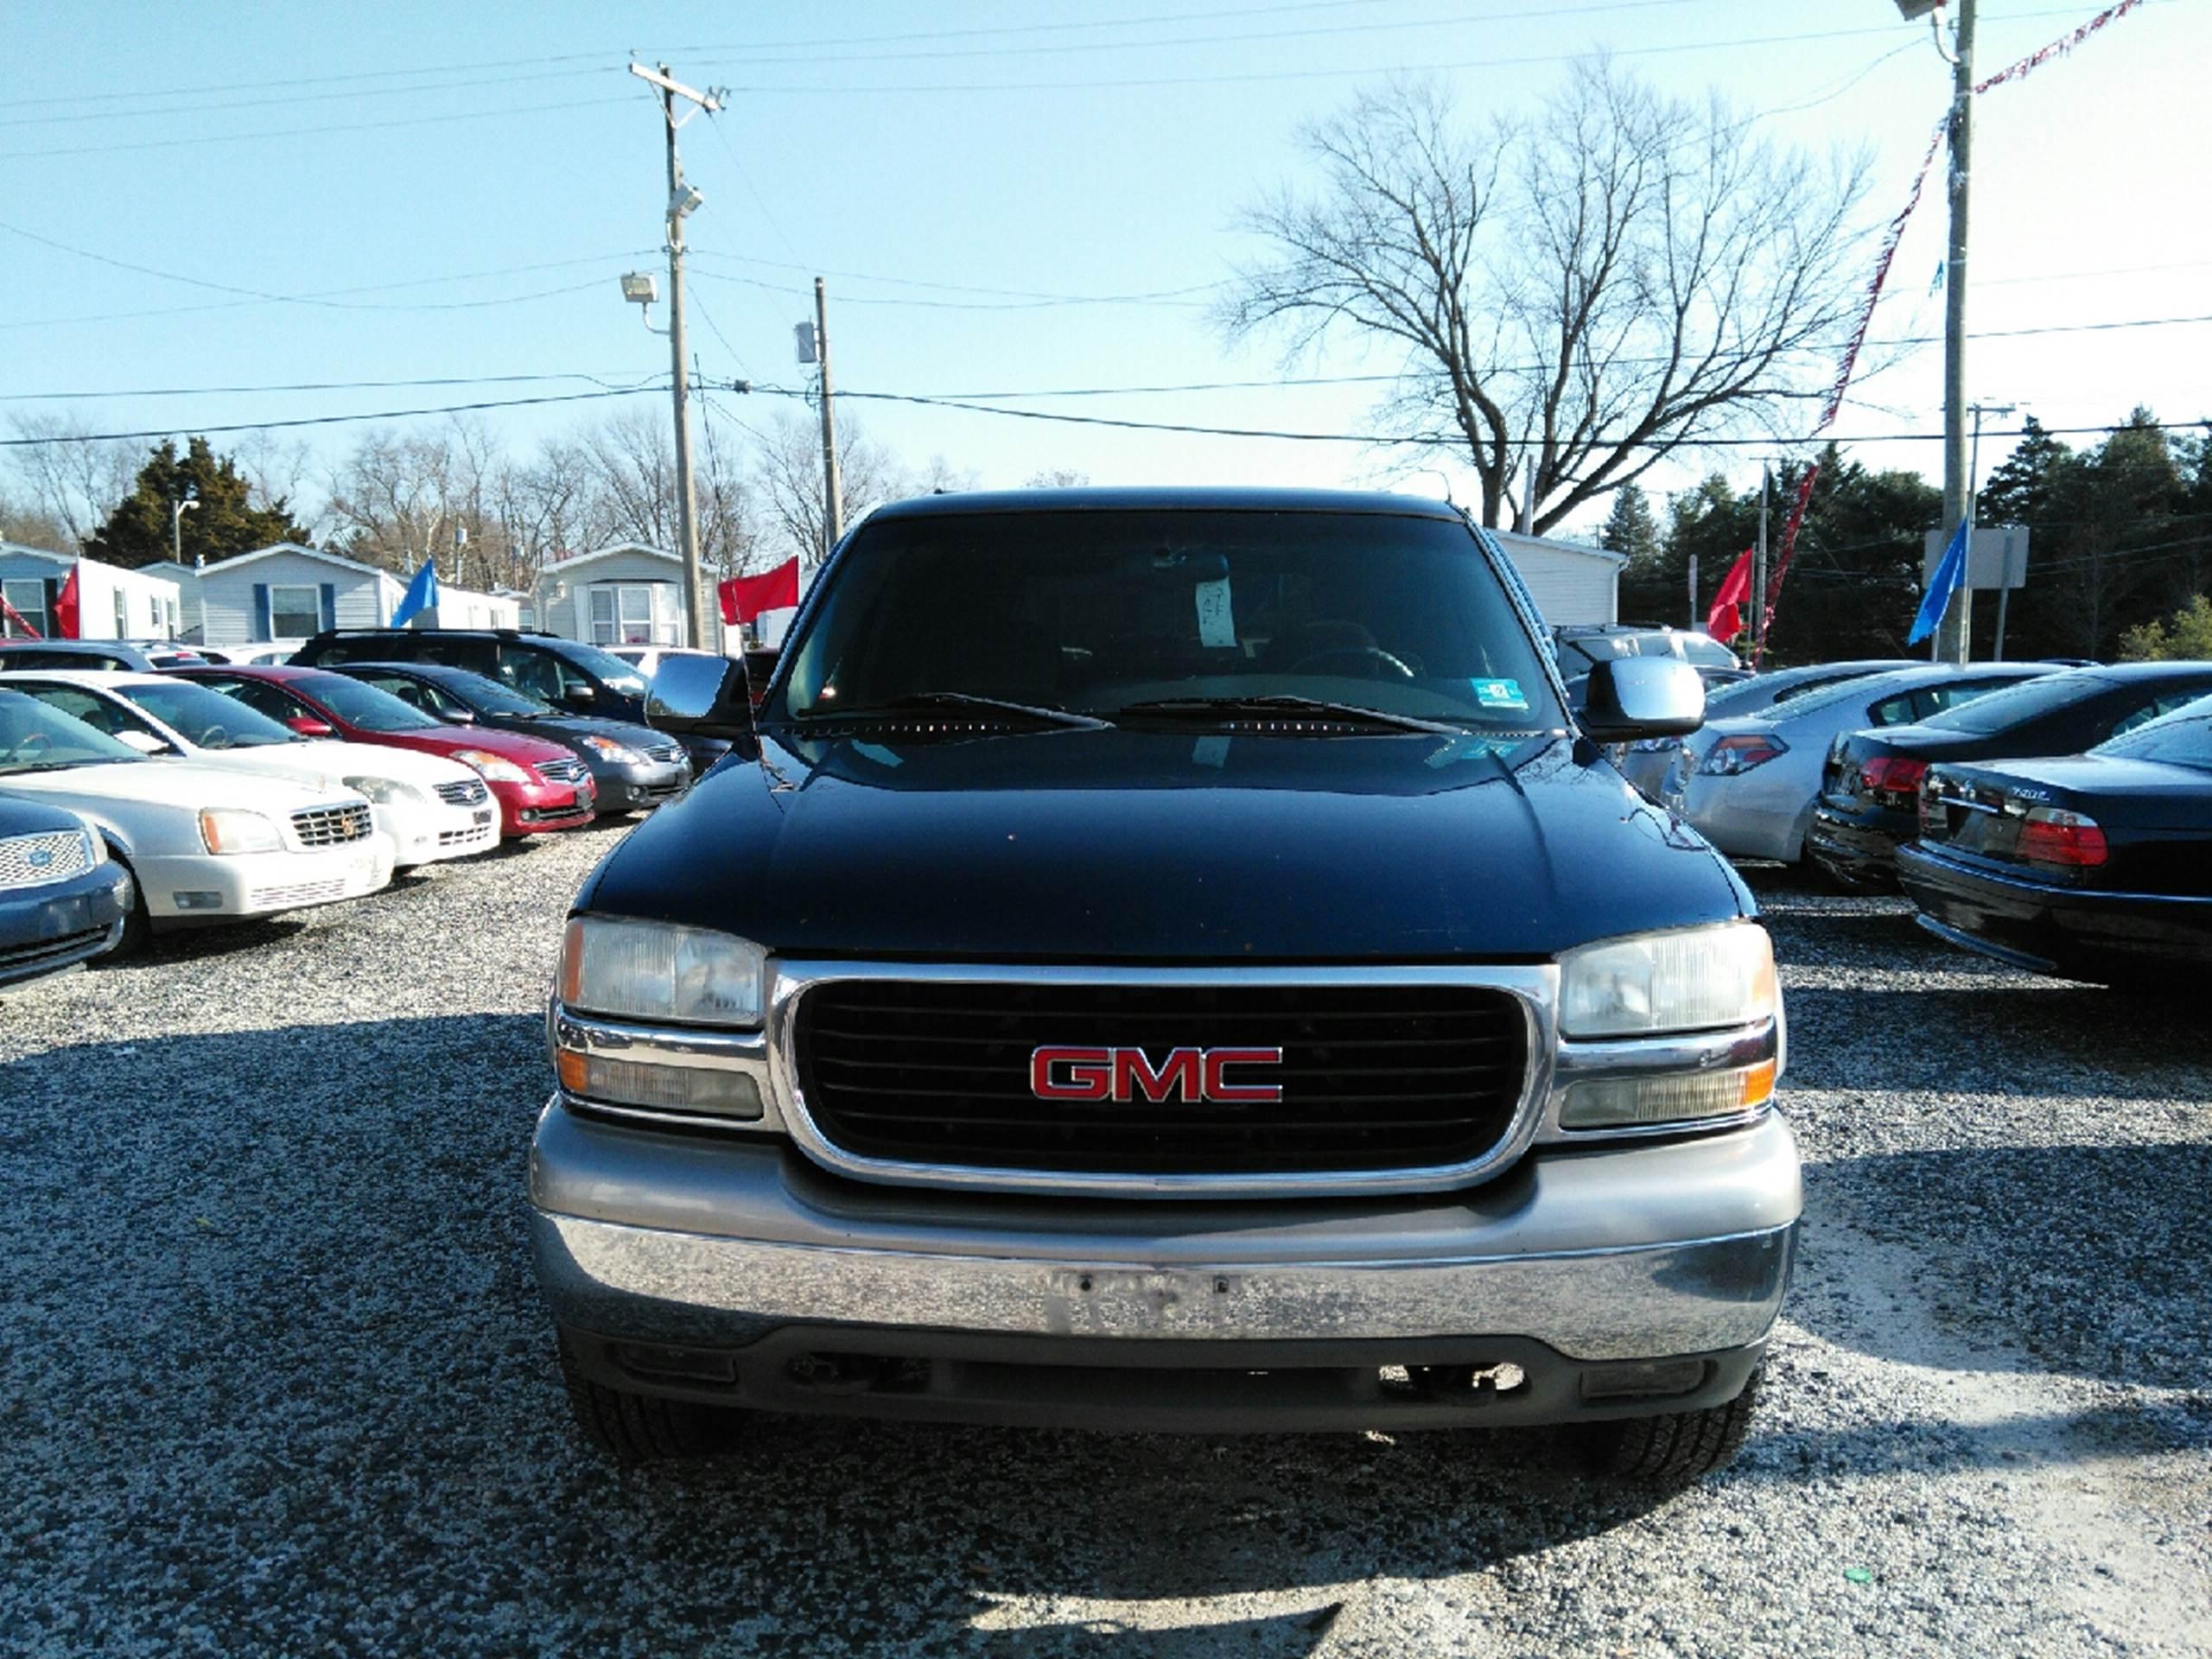 2001 GMC Sierra 2500 for sale in Sewell, NJ